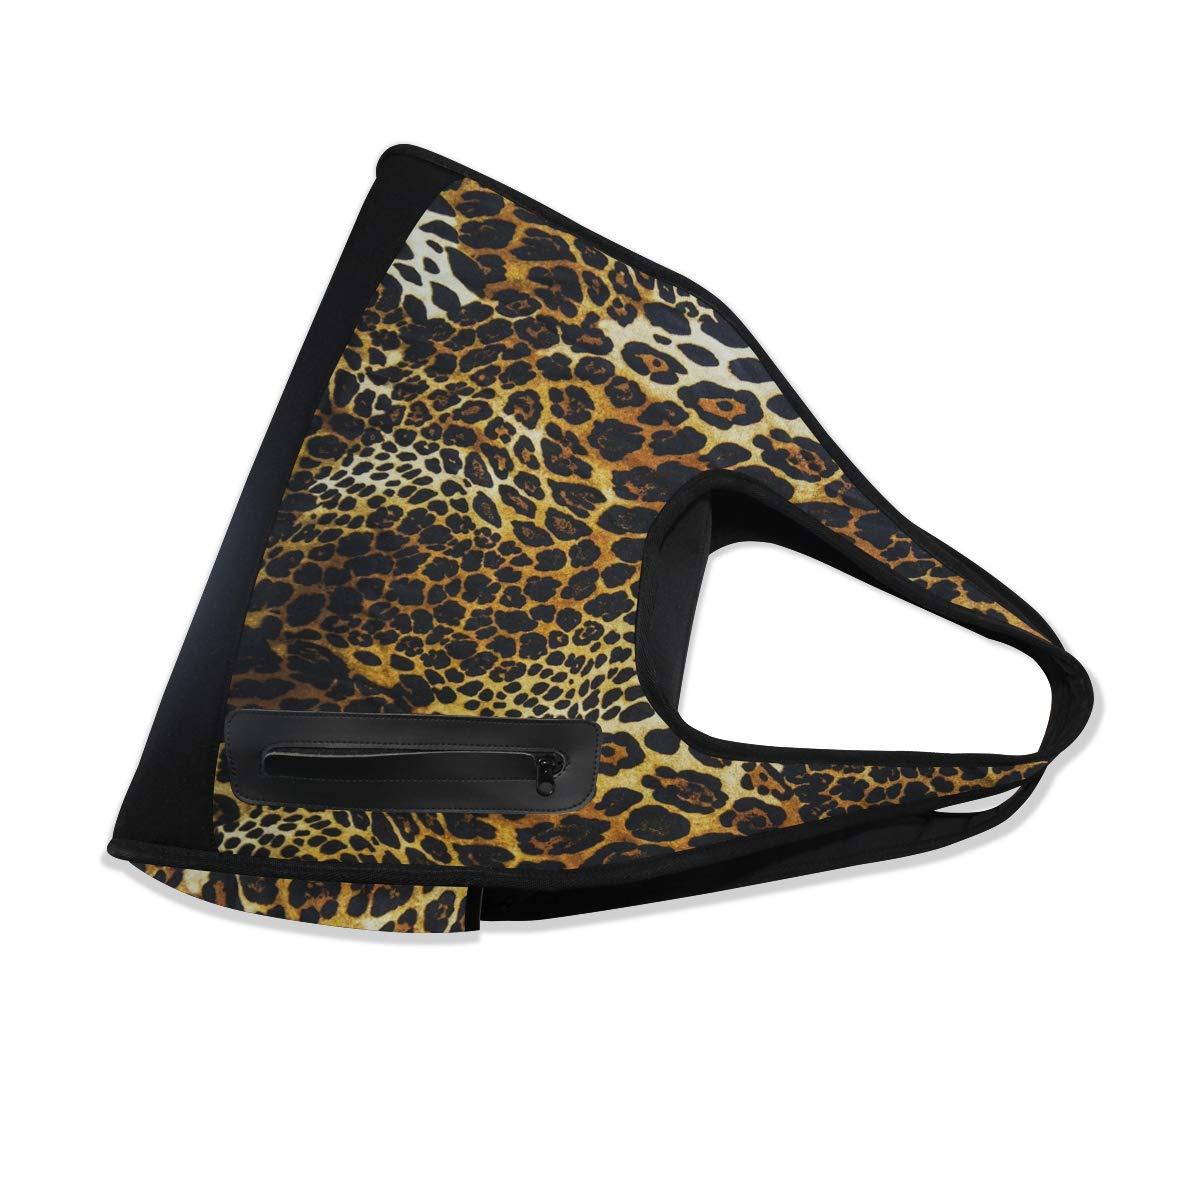 Unisex Travel Duffels Gym Bag Leopard Print Canvas Weekender Bag Shoulder Bag Totes bags